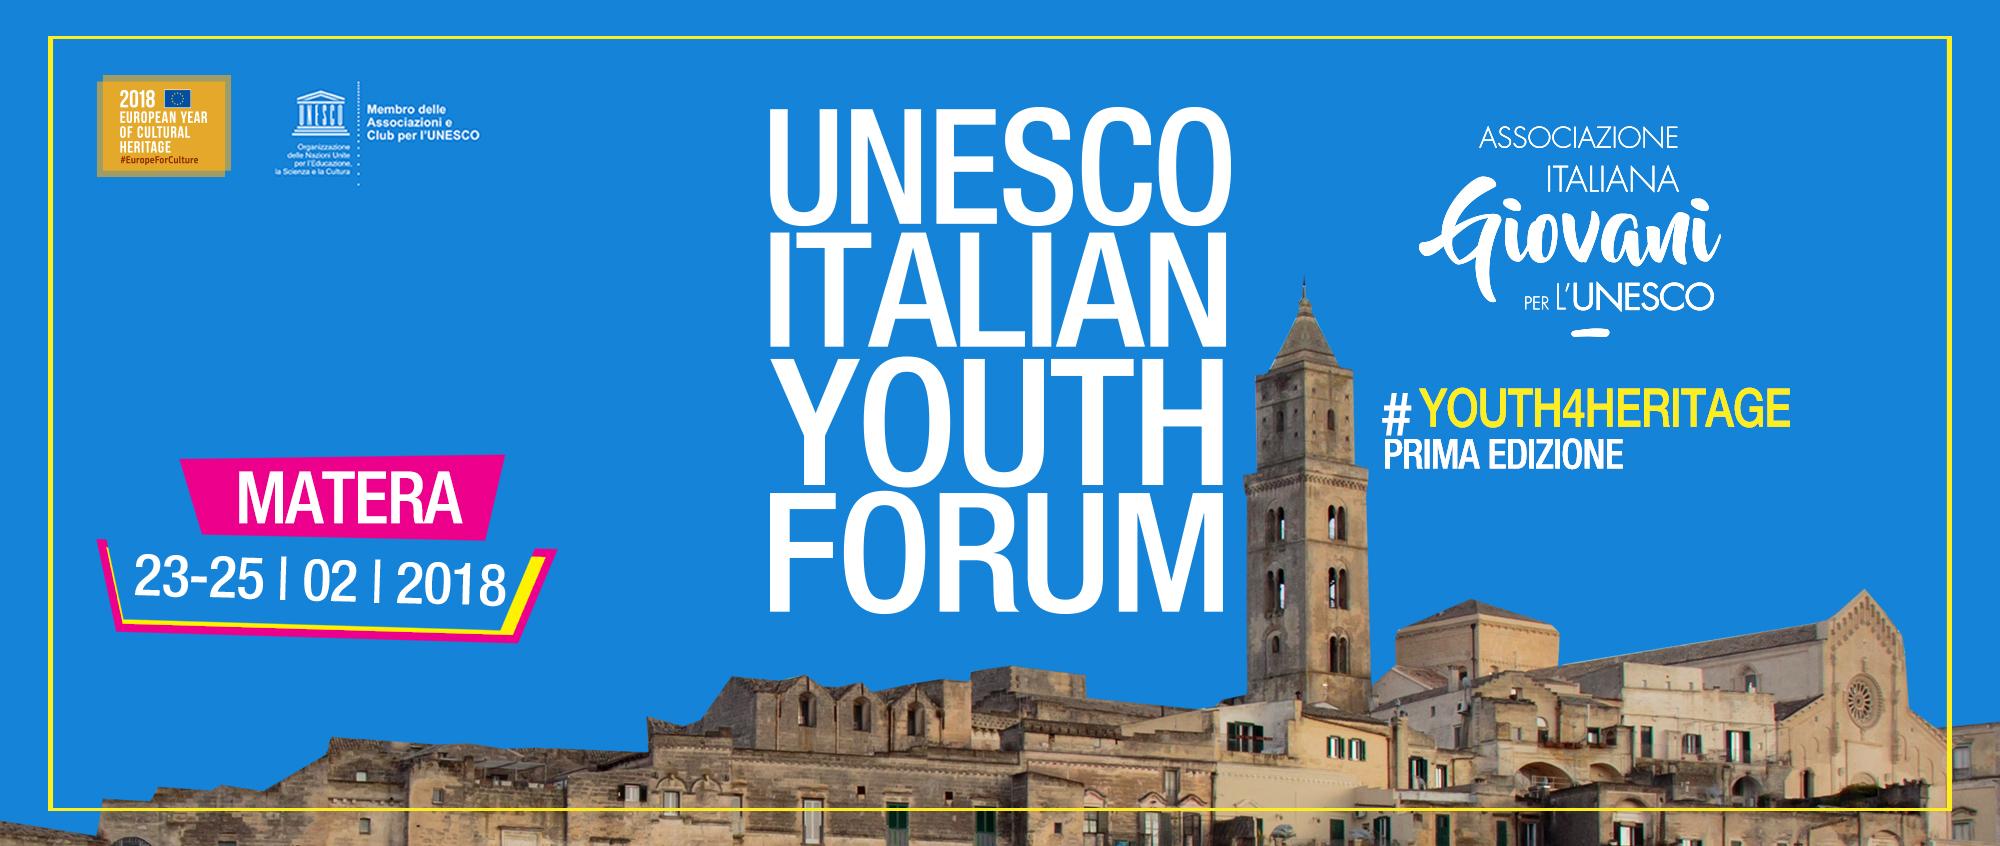 A Matera il primo forum dell'UNESCO per i giovani, dal 23 al 25 febbraio. Ecco come partecipare